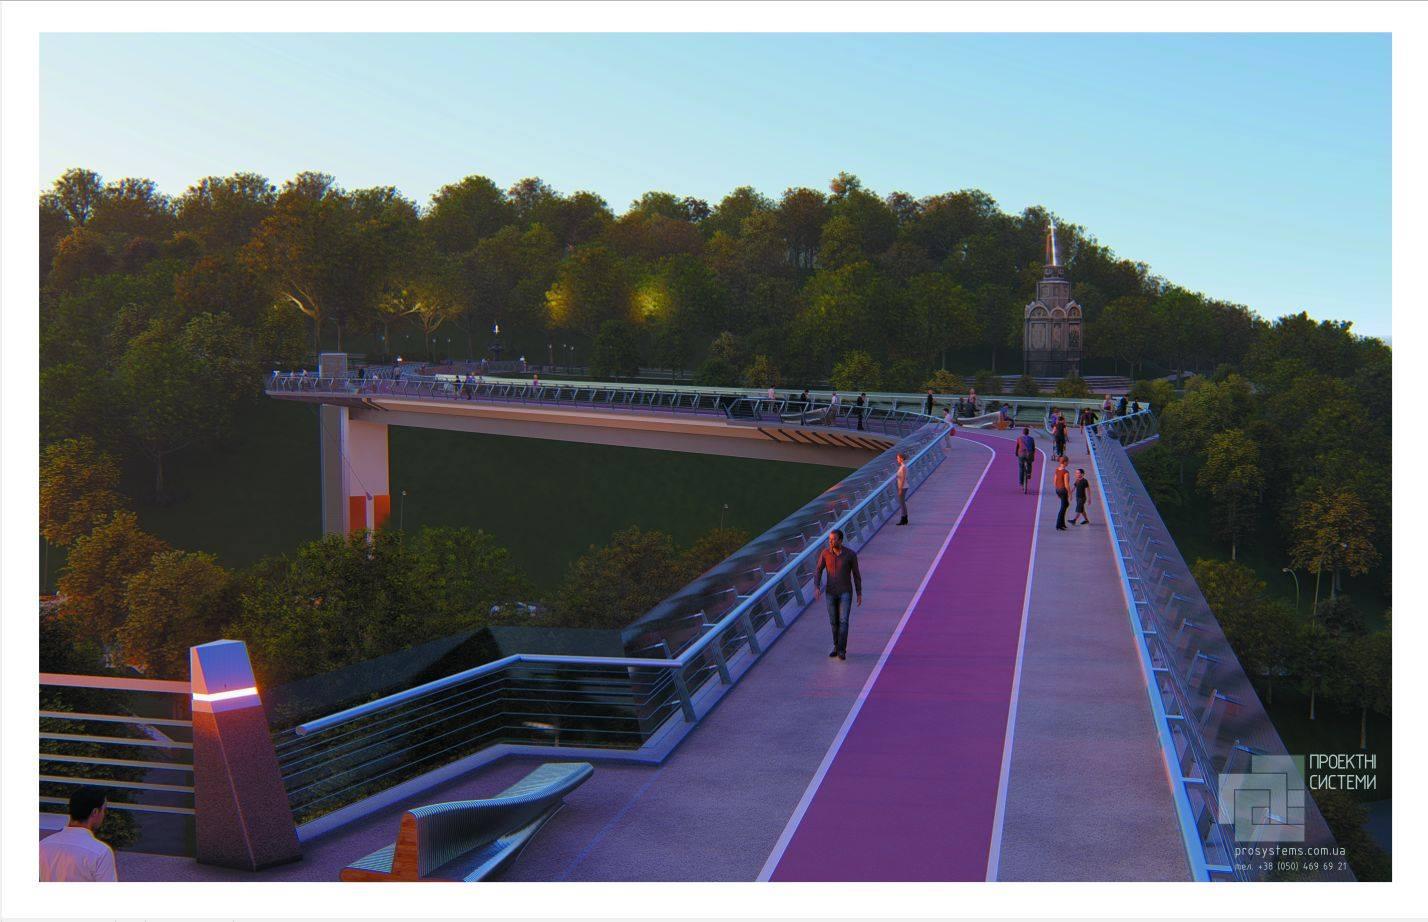 Сооружение планируют построить и открыть в конце весны 2019 года